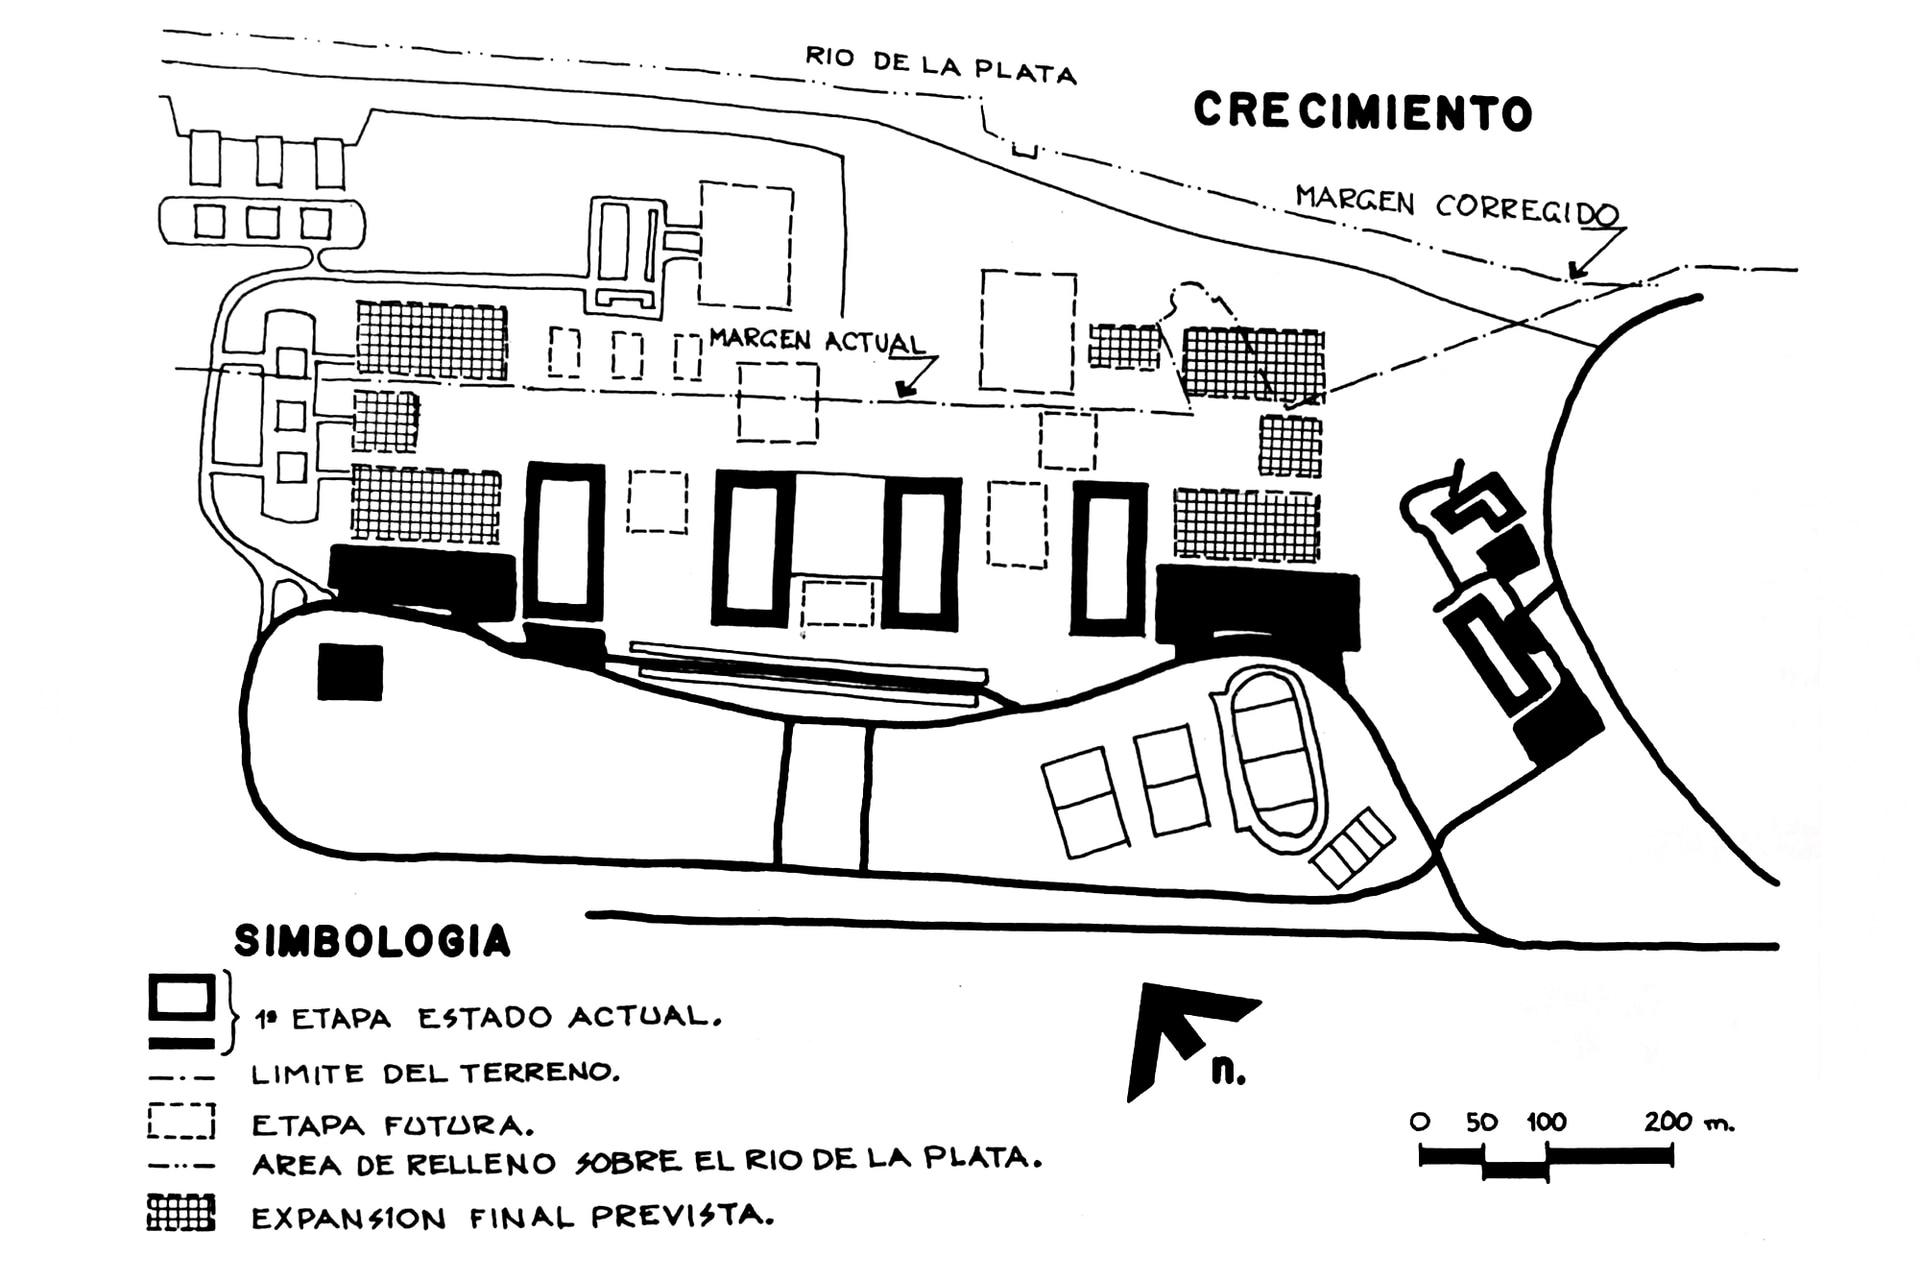 Estado de la obra, circa 1970. Se observa el margen actual y proyectado del río